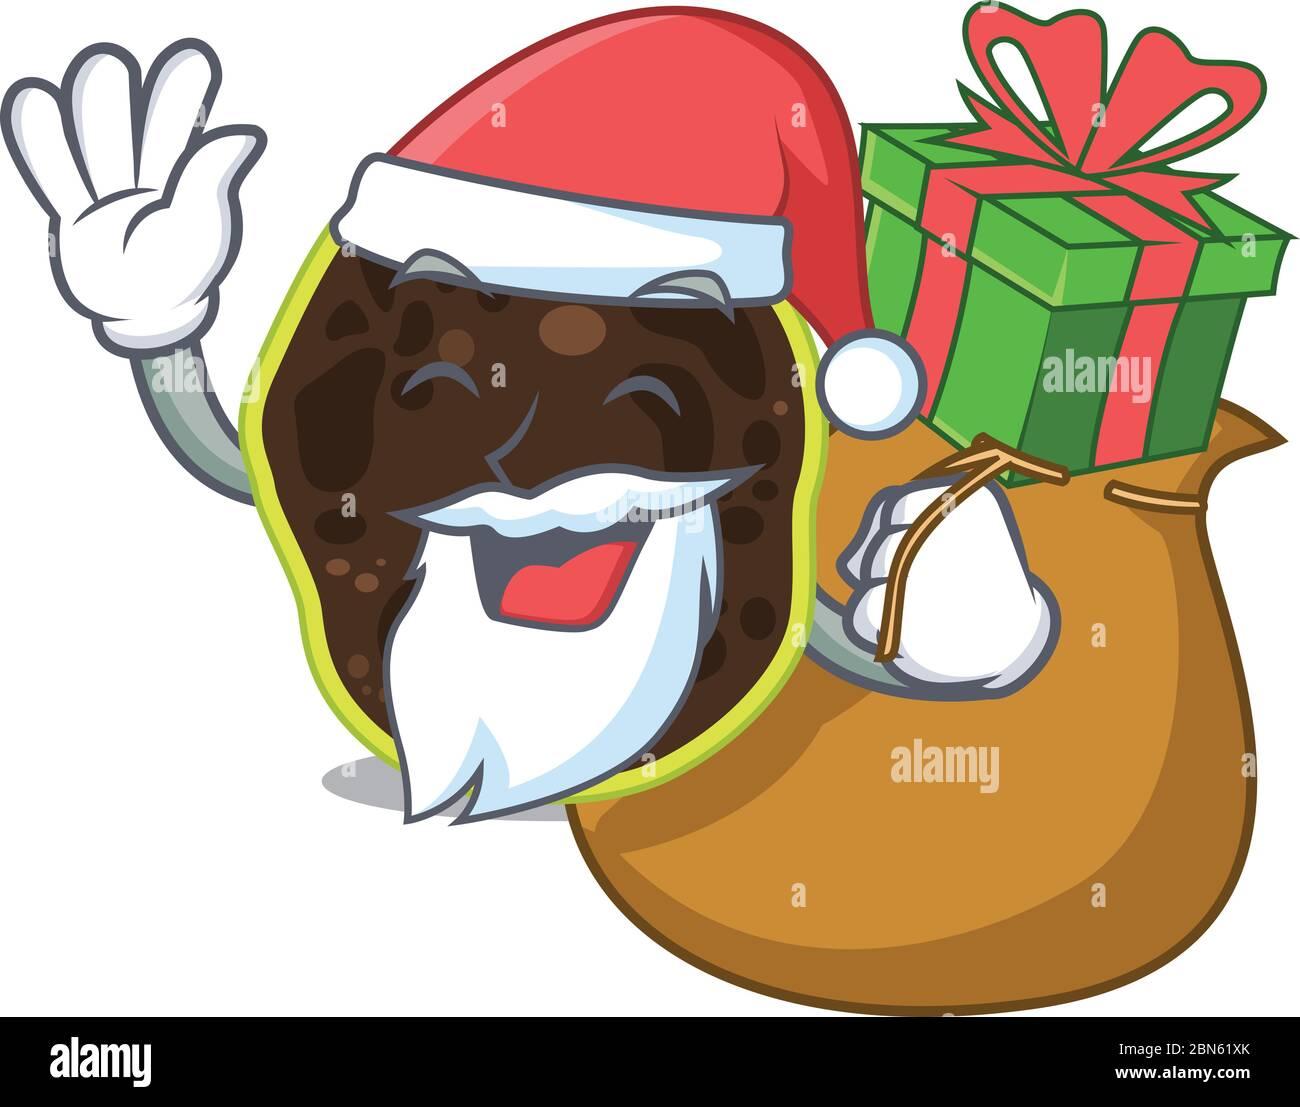 Dessin animé de firmicutes Santa ayant cadeau de Noël Illustration de Vecteur